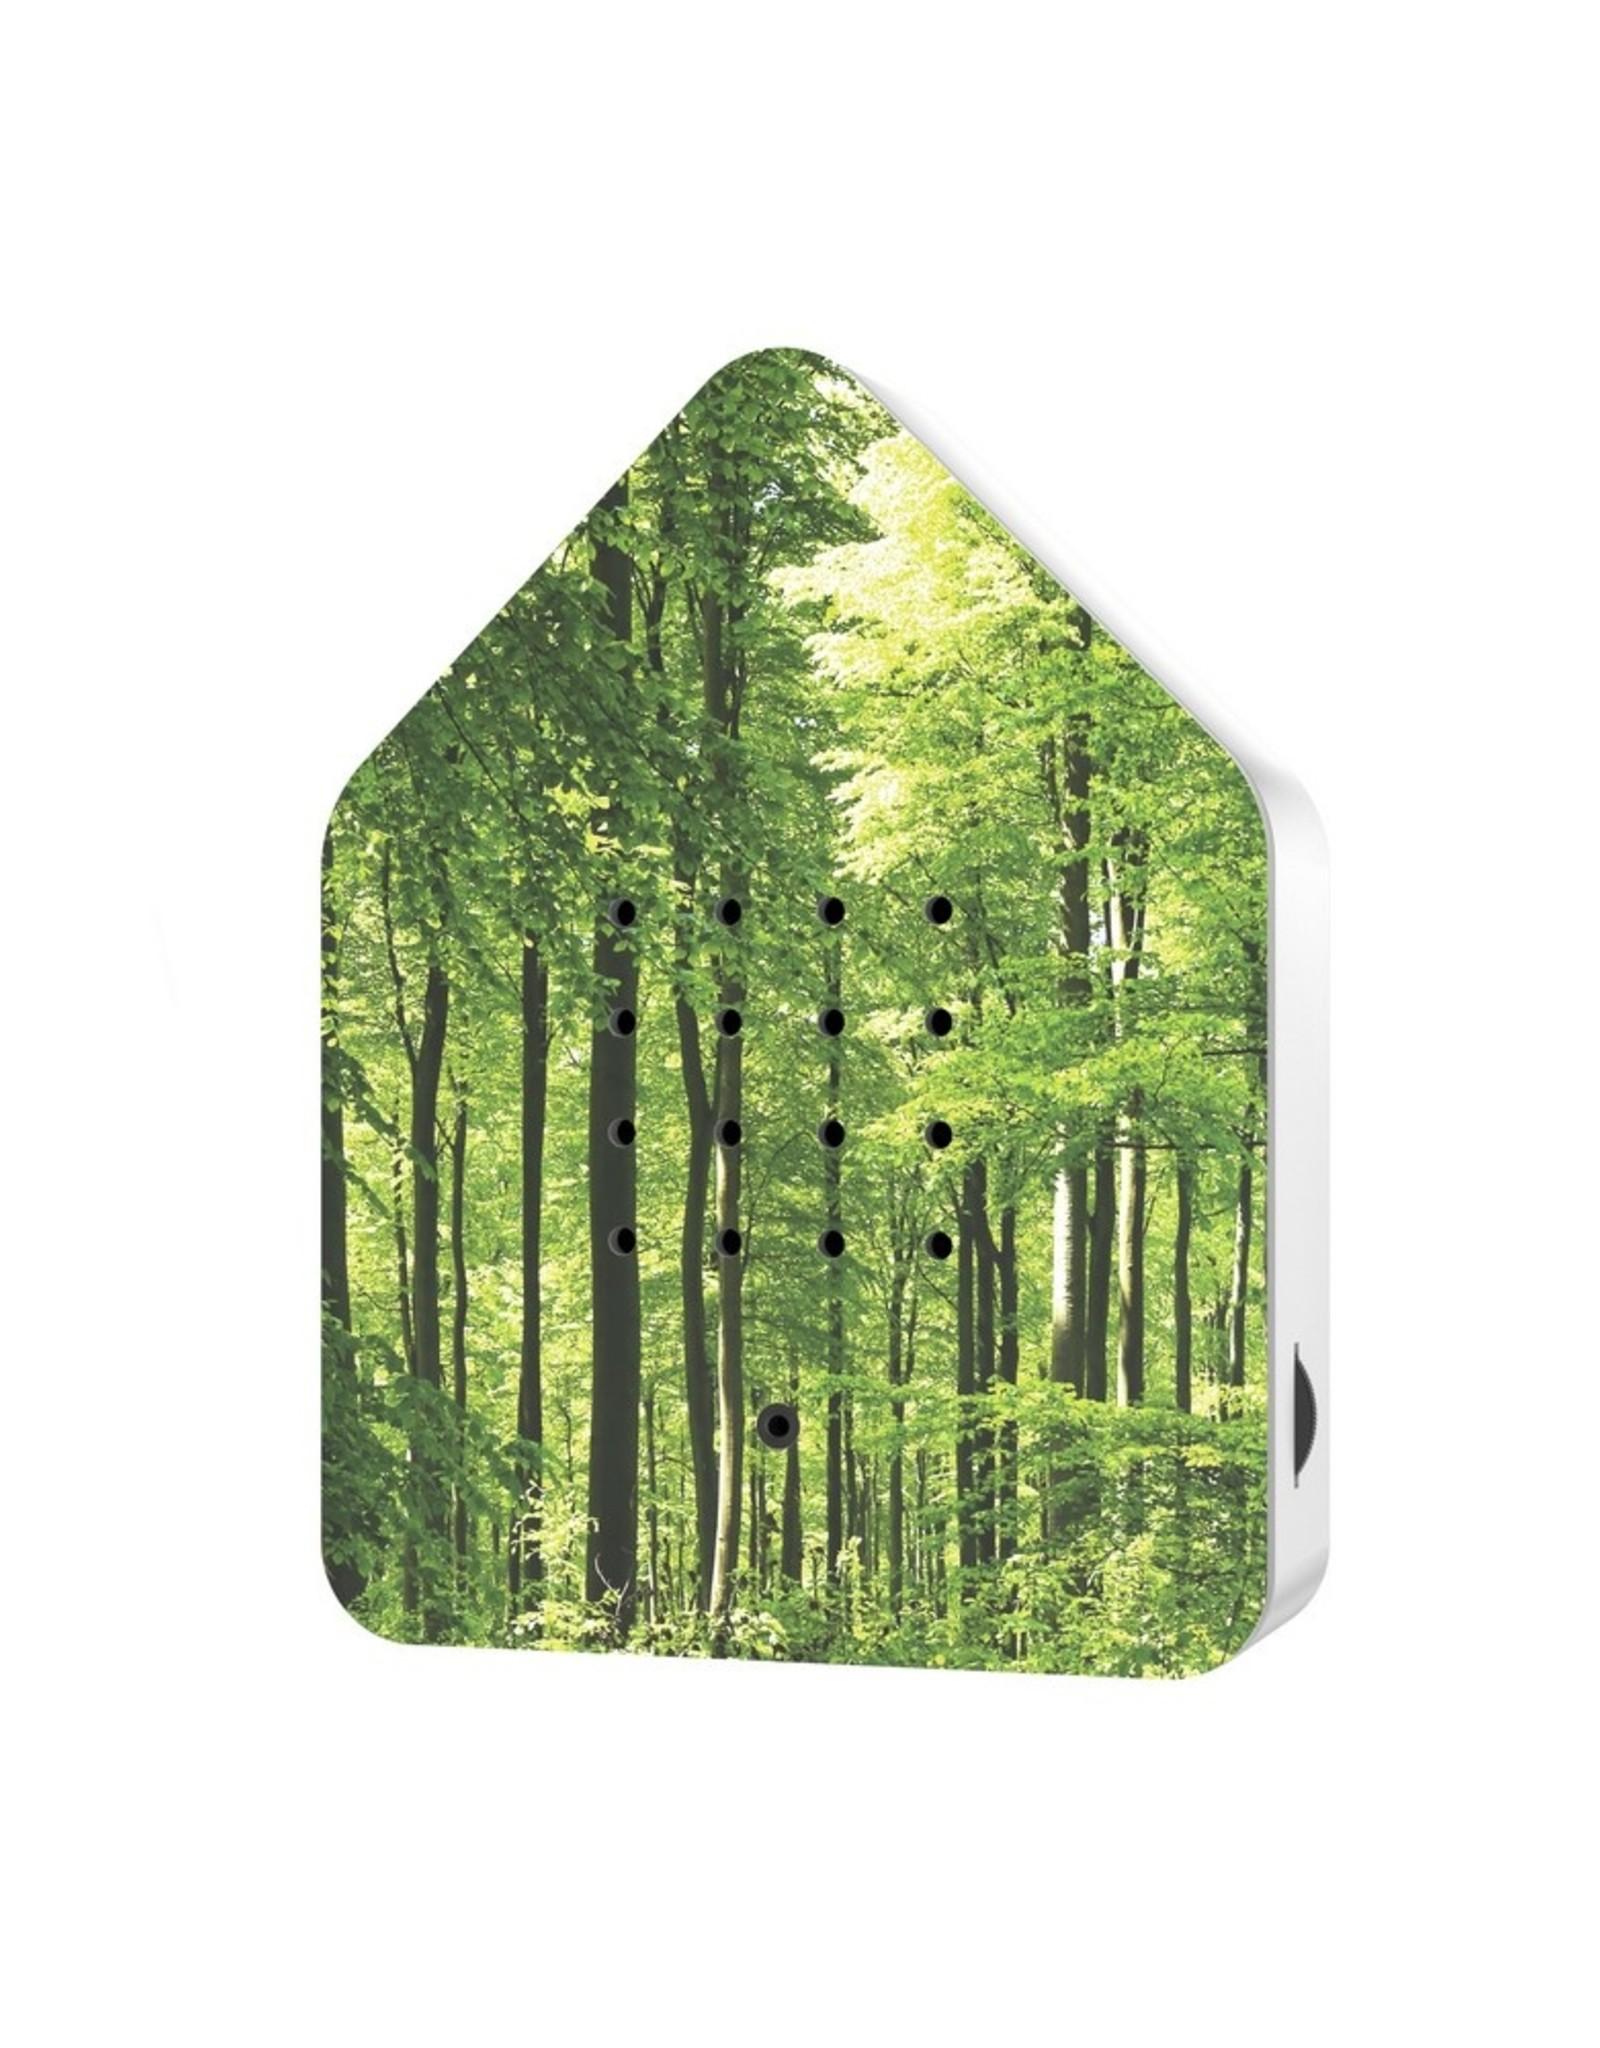 Zwitscherbox Zwitscherbox Special Edition Forest